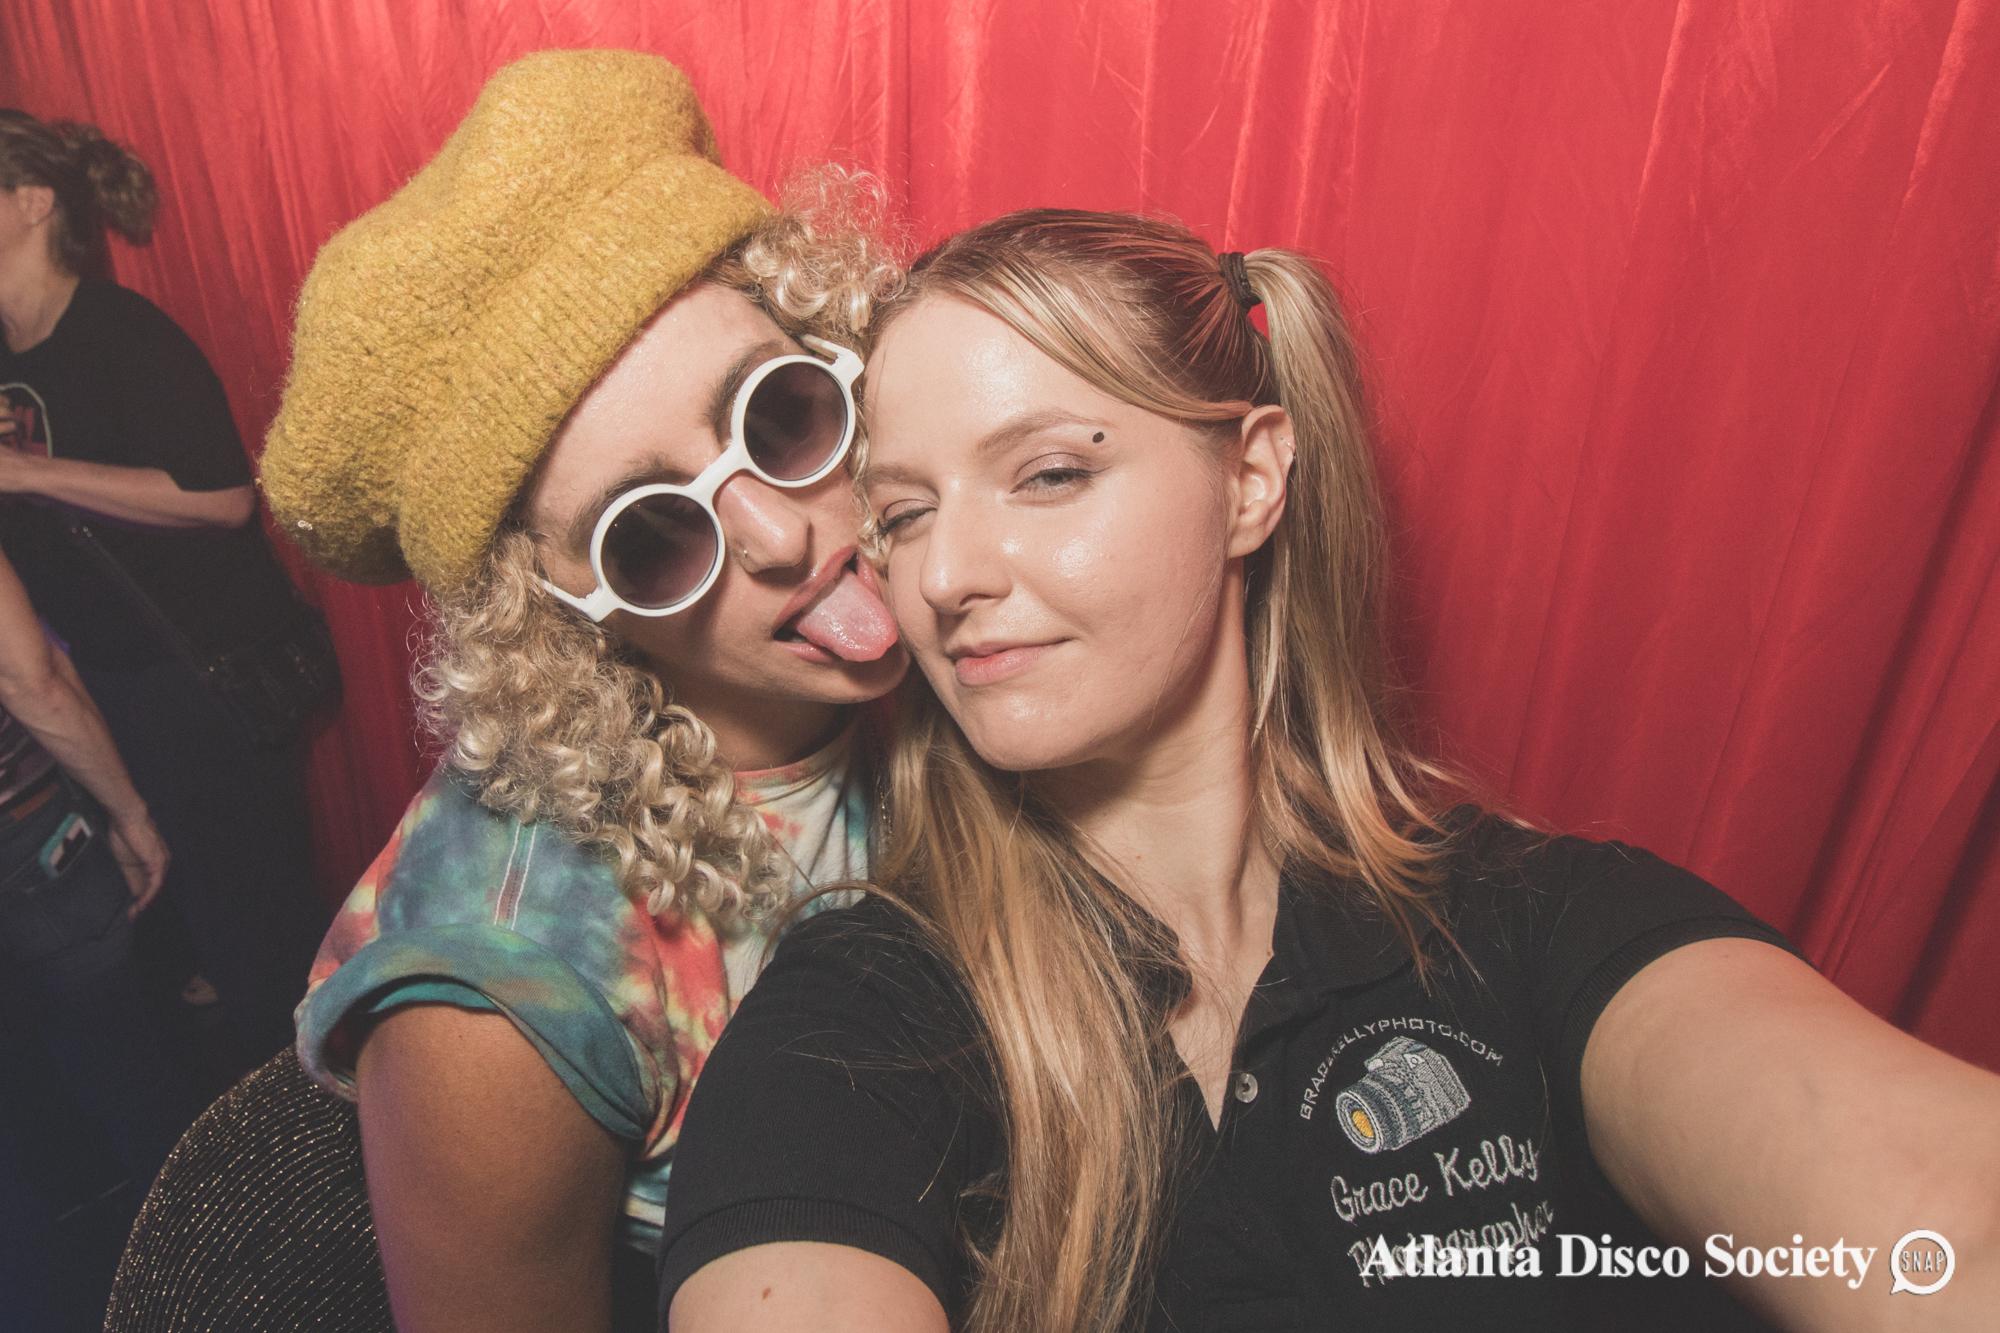 93Atlanta Disco Society Grace Kelly Oh Snap Kid 7.27.19.jpg